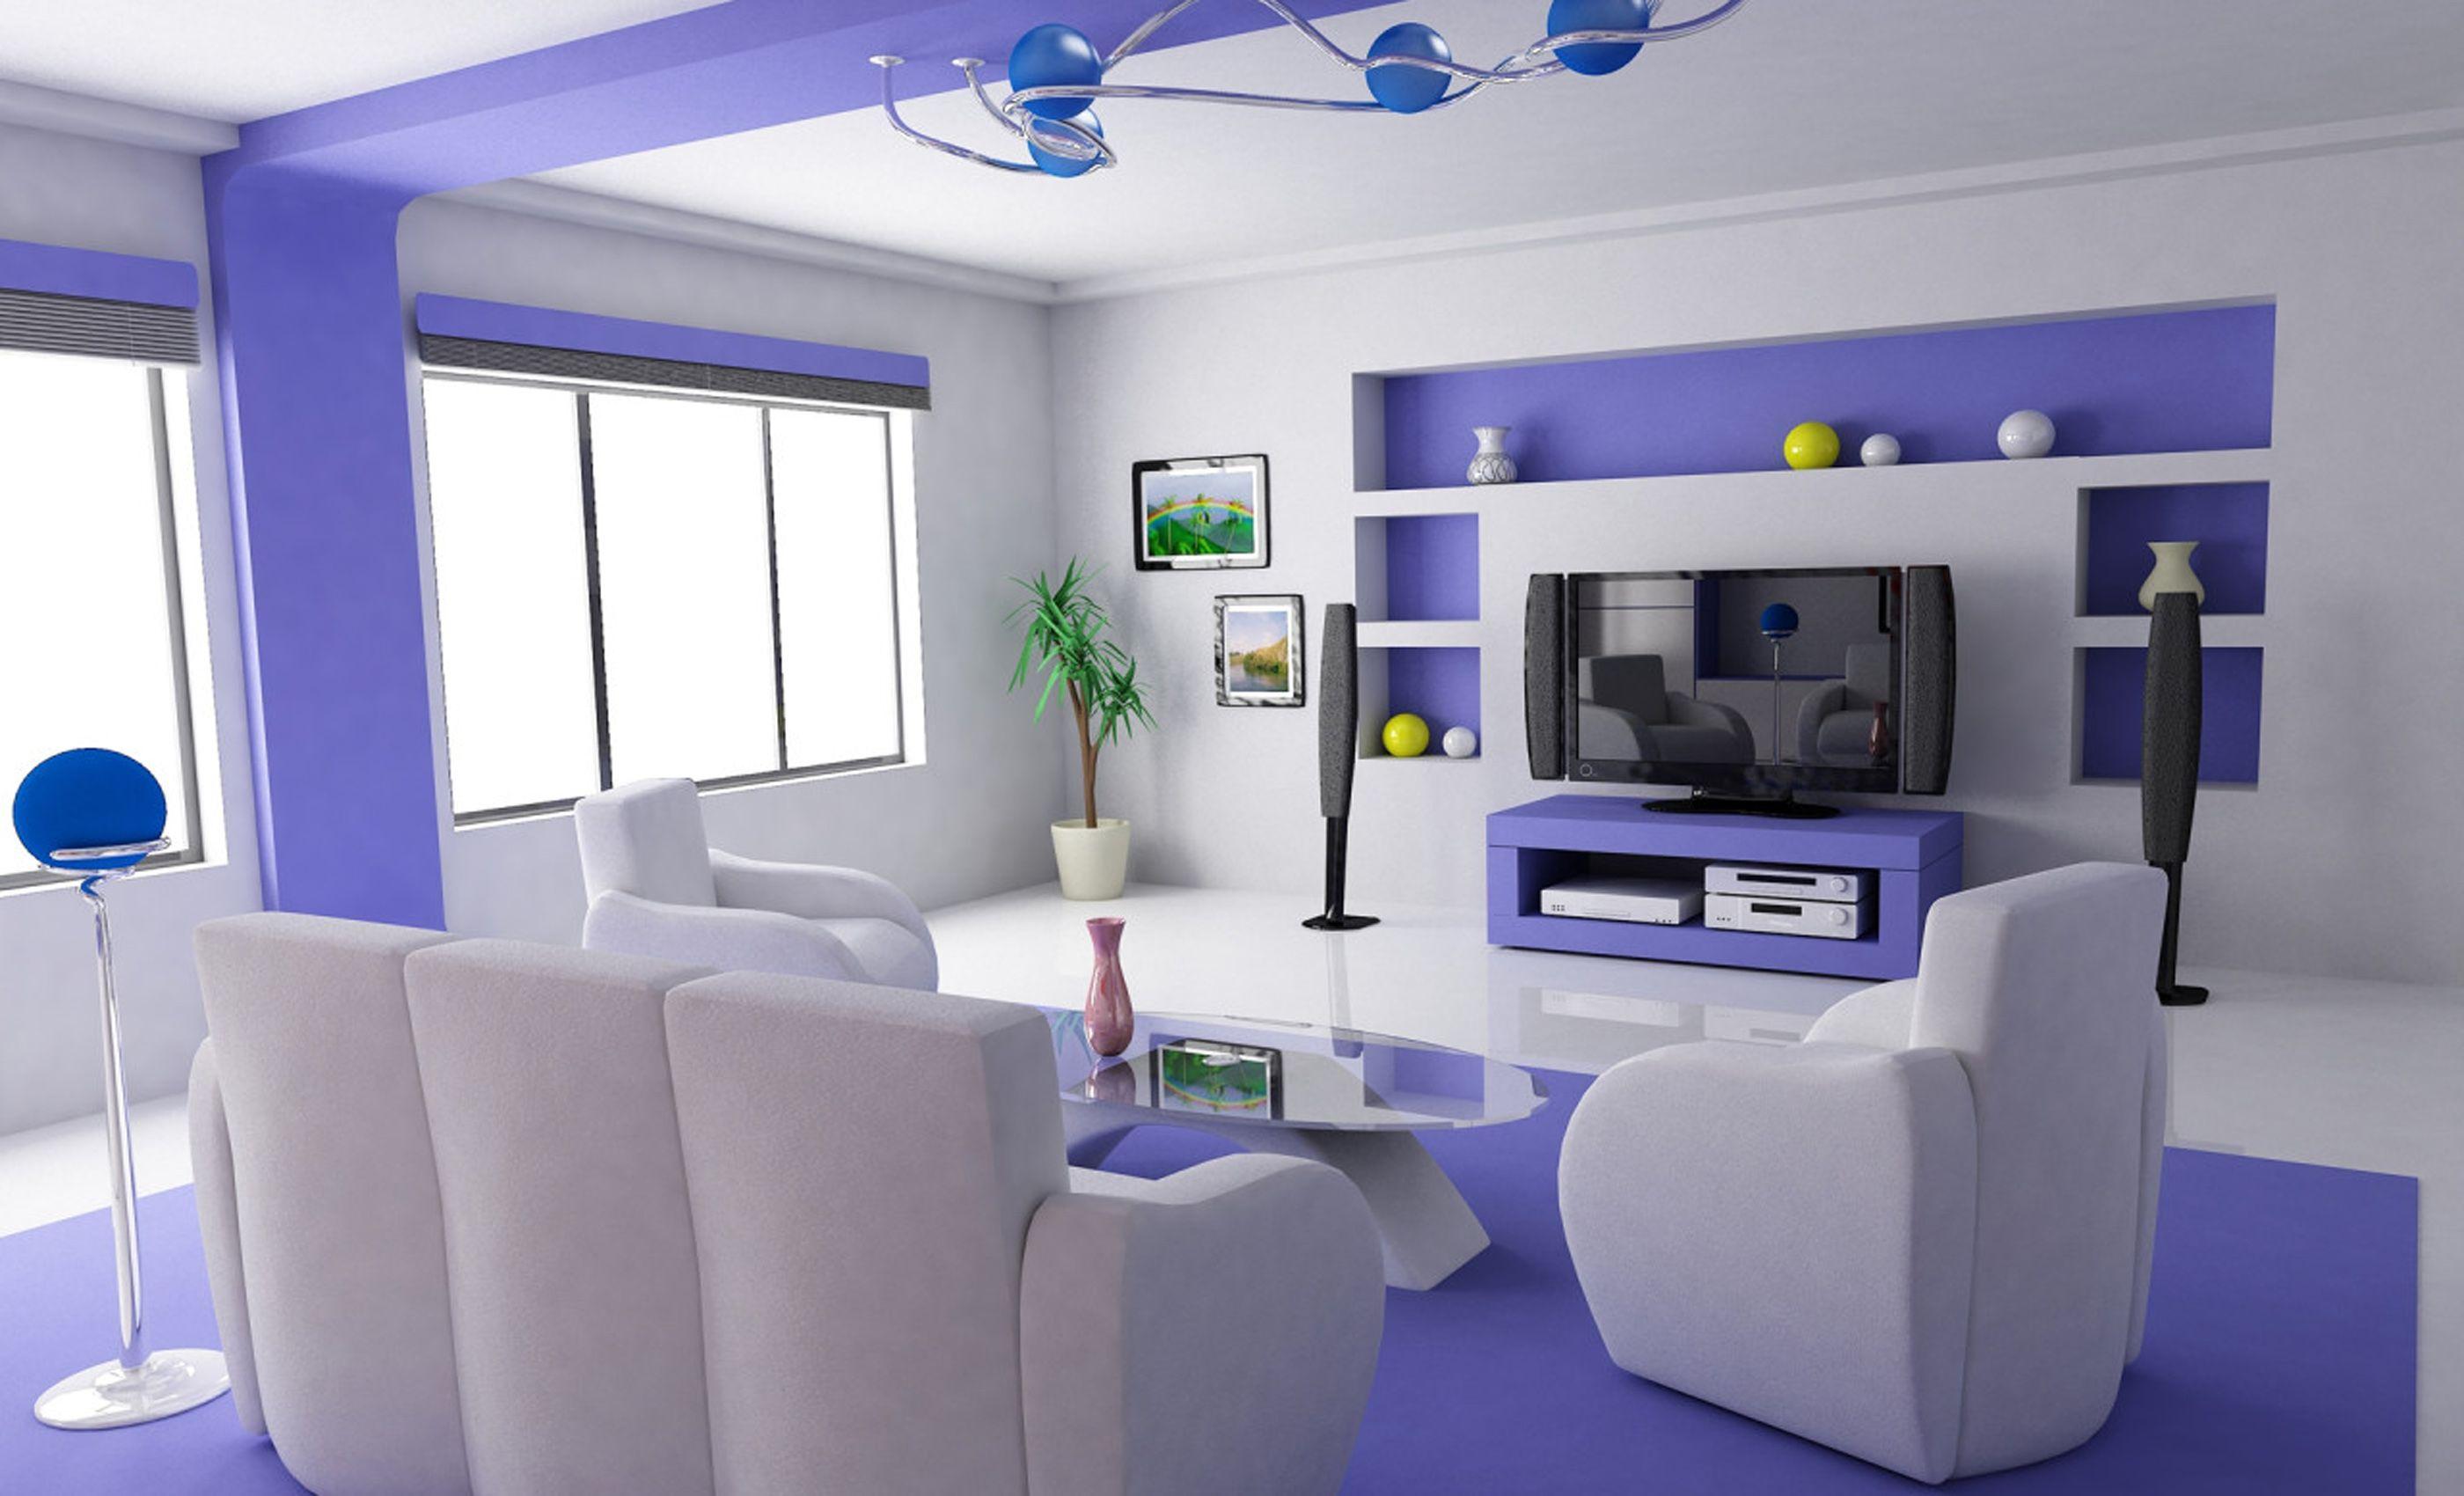 Bedroom Neutral Interior Design Bright Room Futuristic Chicism